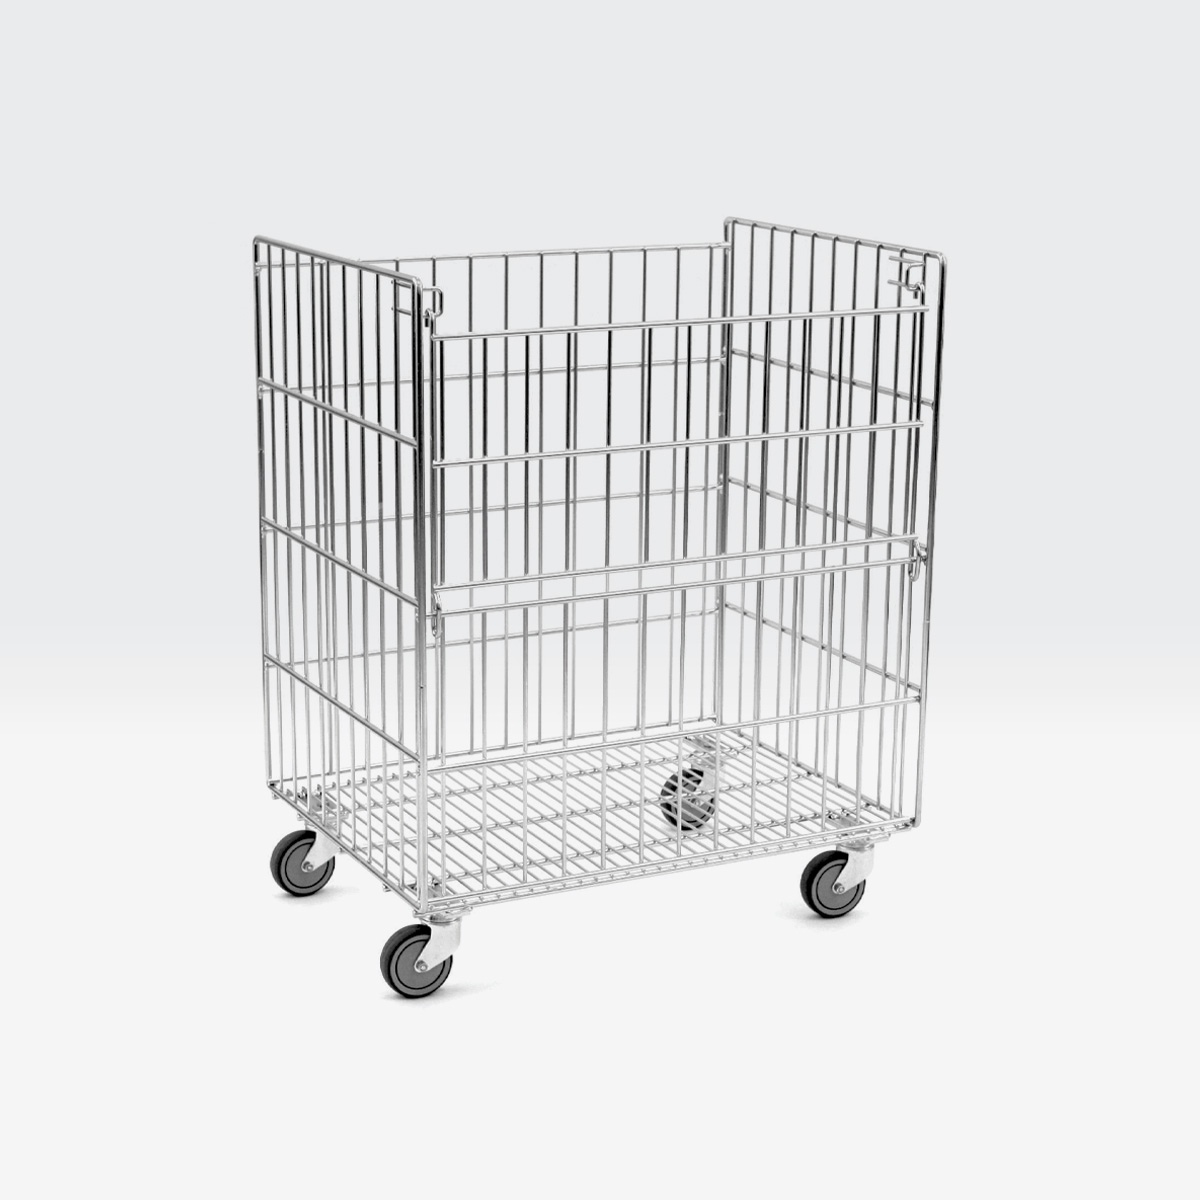 Carrello roll container KK 1015x800x600